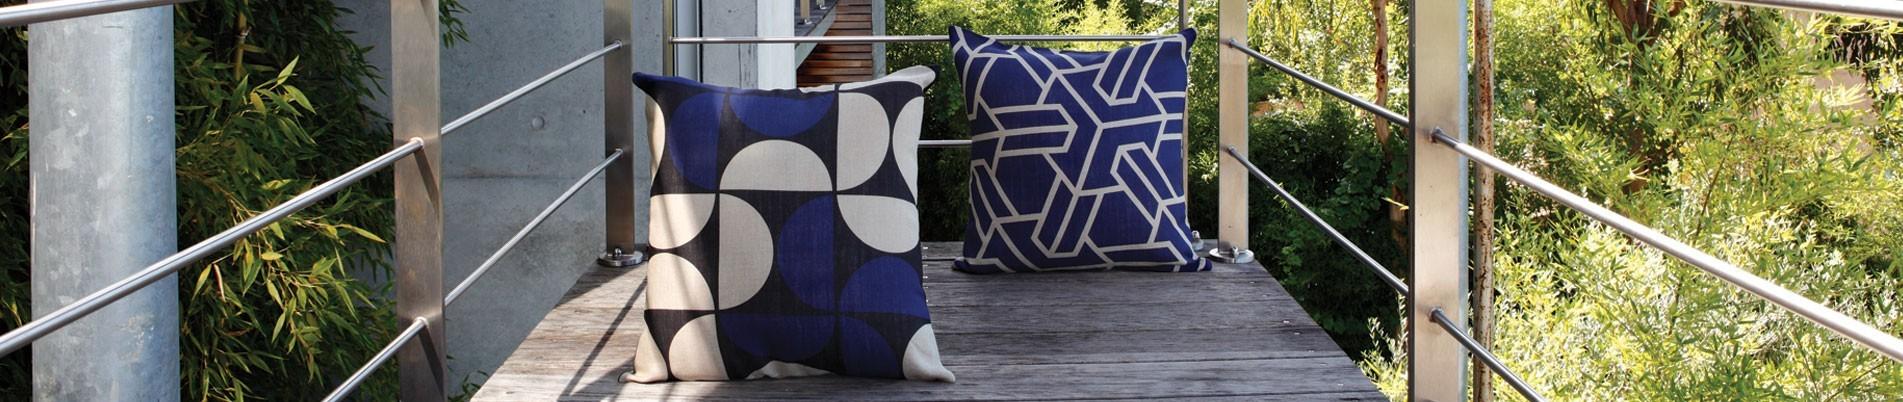 Monochromes cushions